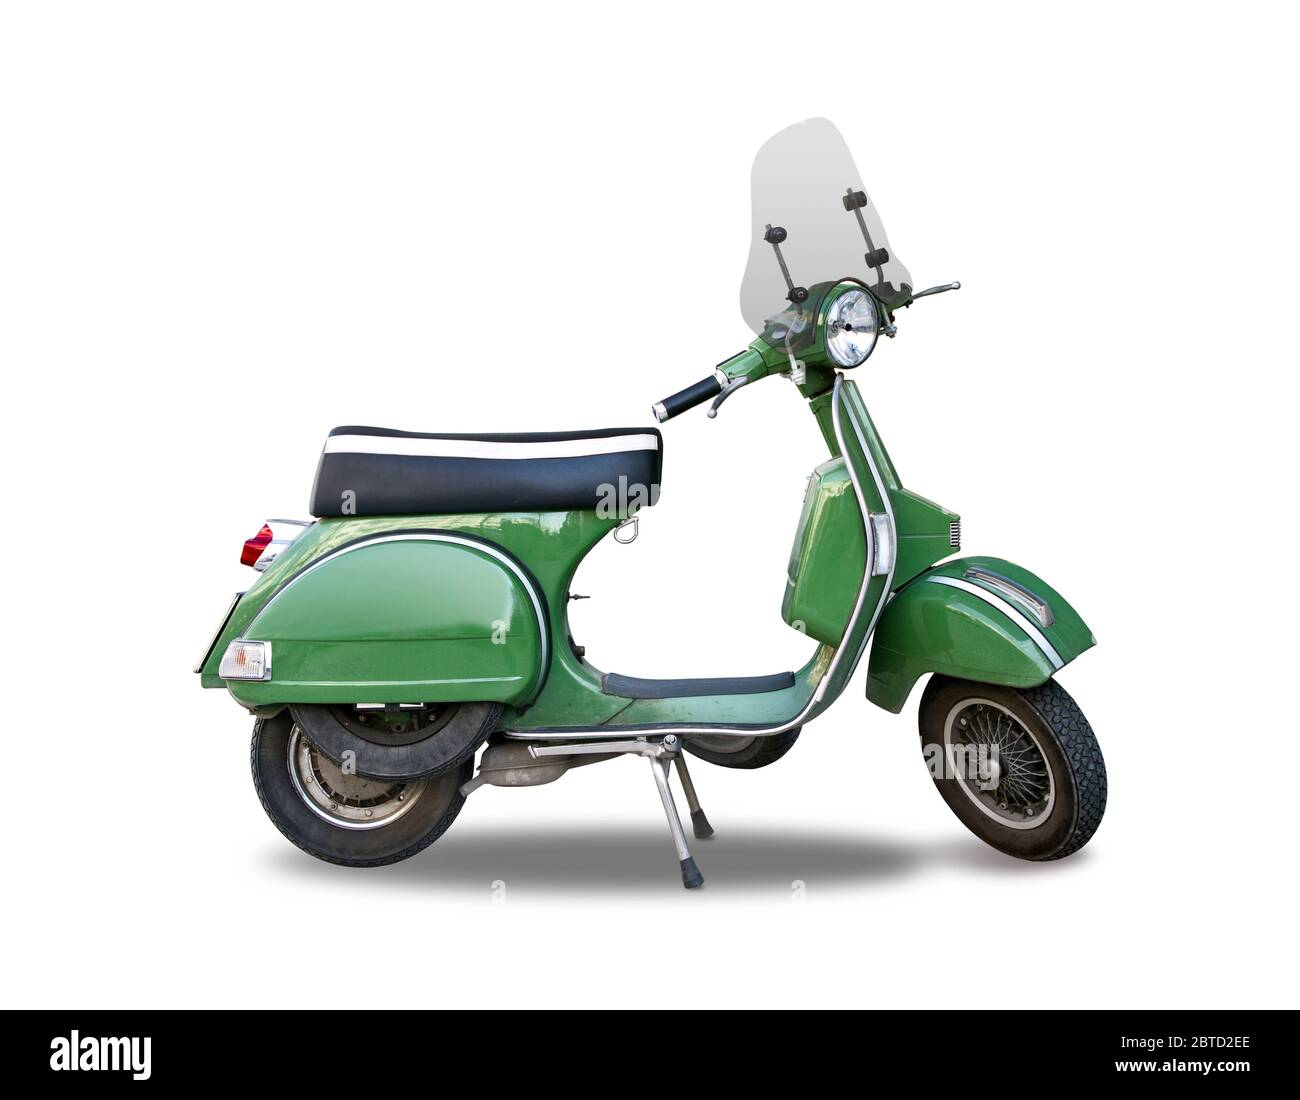 Scooter italien classique vert isolé sur blanc Banque D'Images